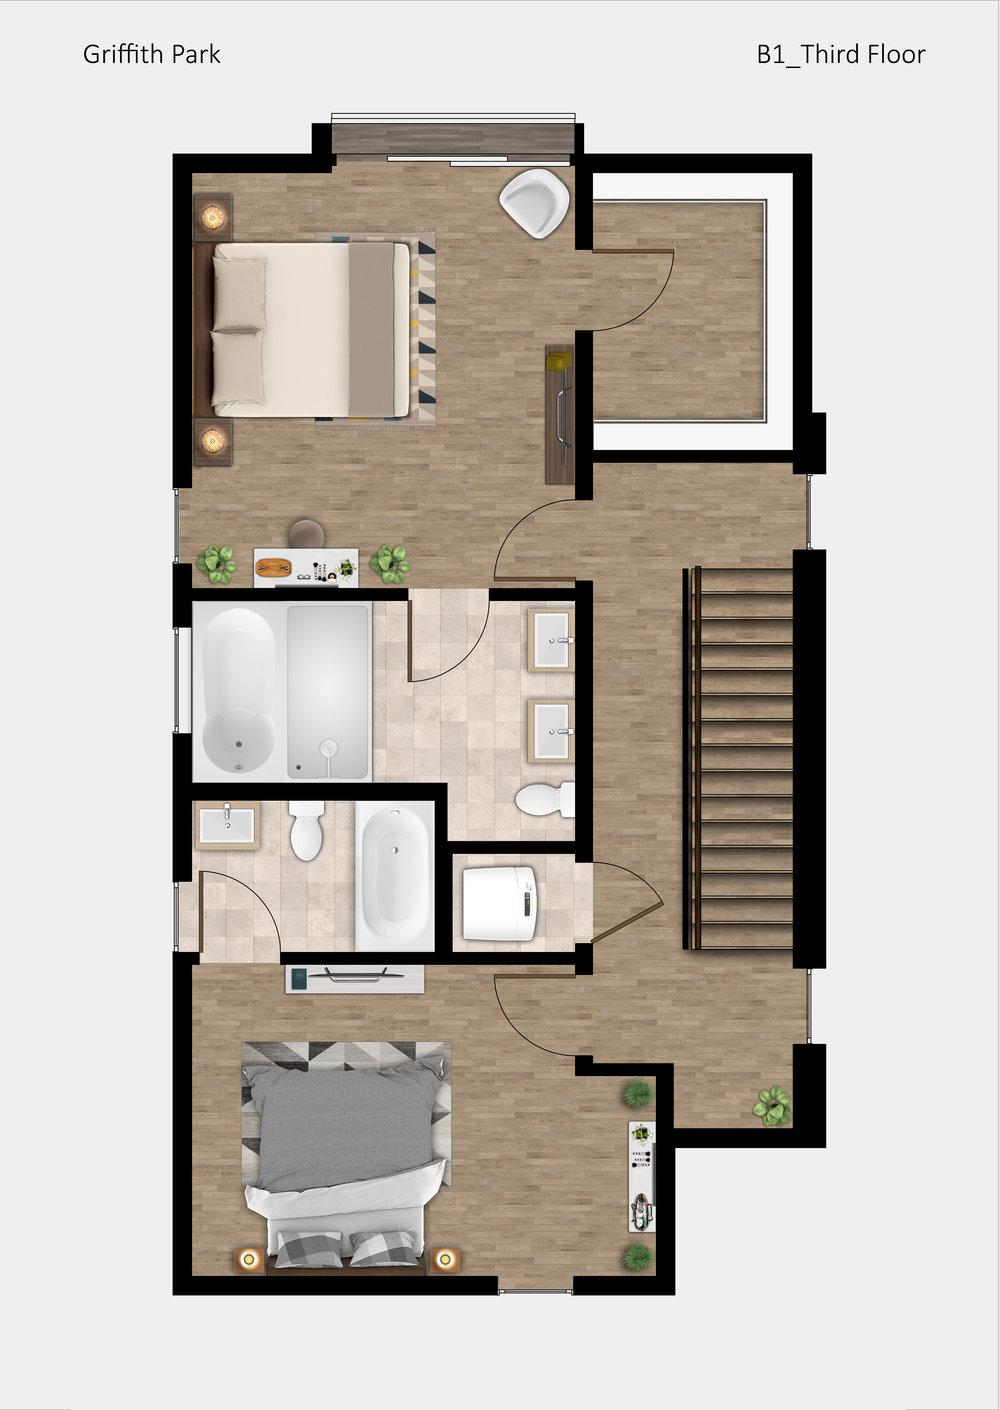 Griffith_Park_B1_Third Floor_FNL.jpg